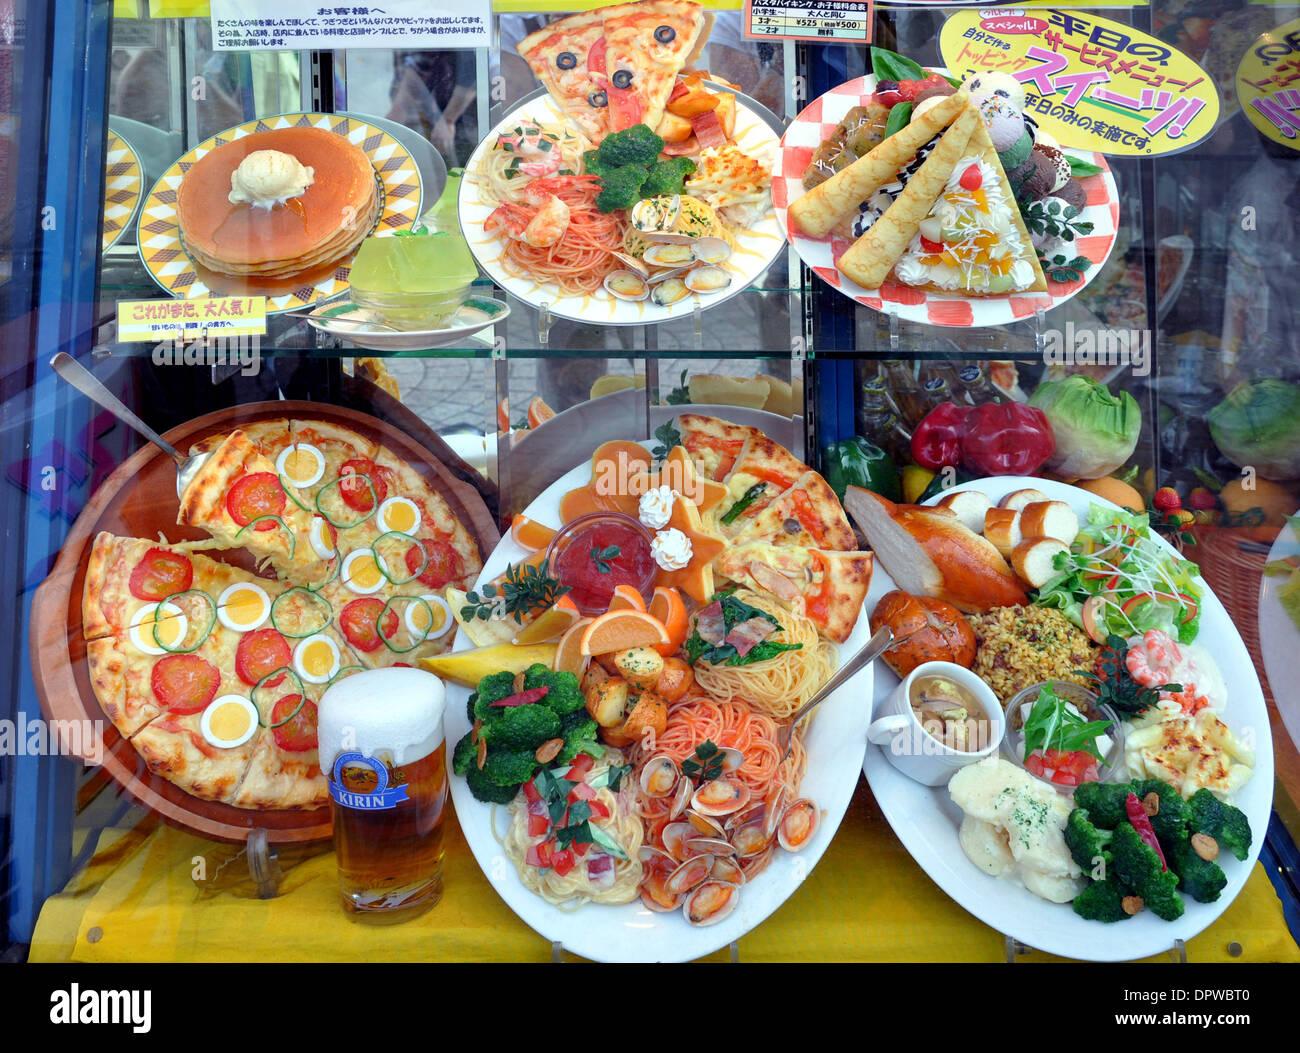 Fenster Essen essen in einem restaurant fenster in takeshita dori